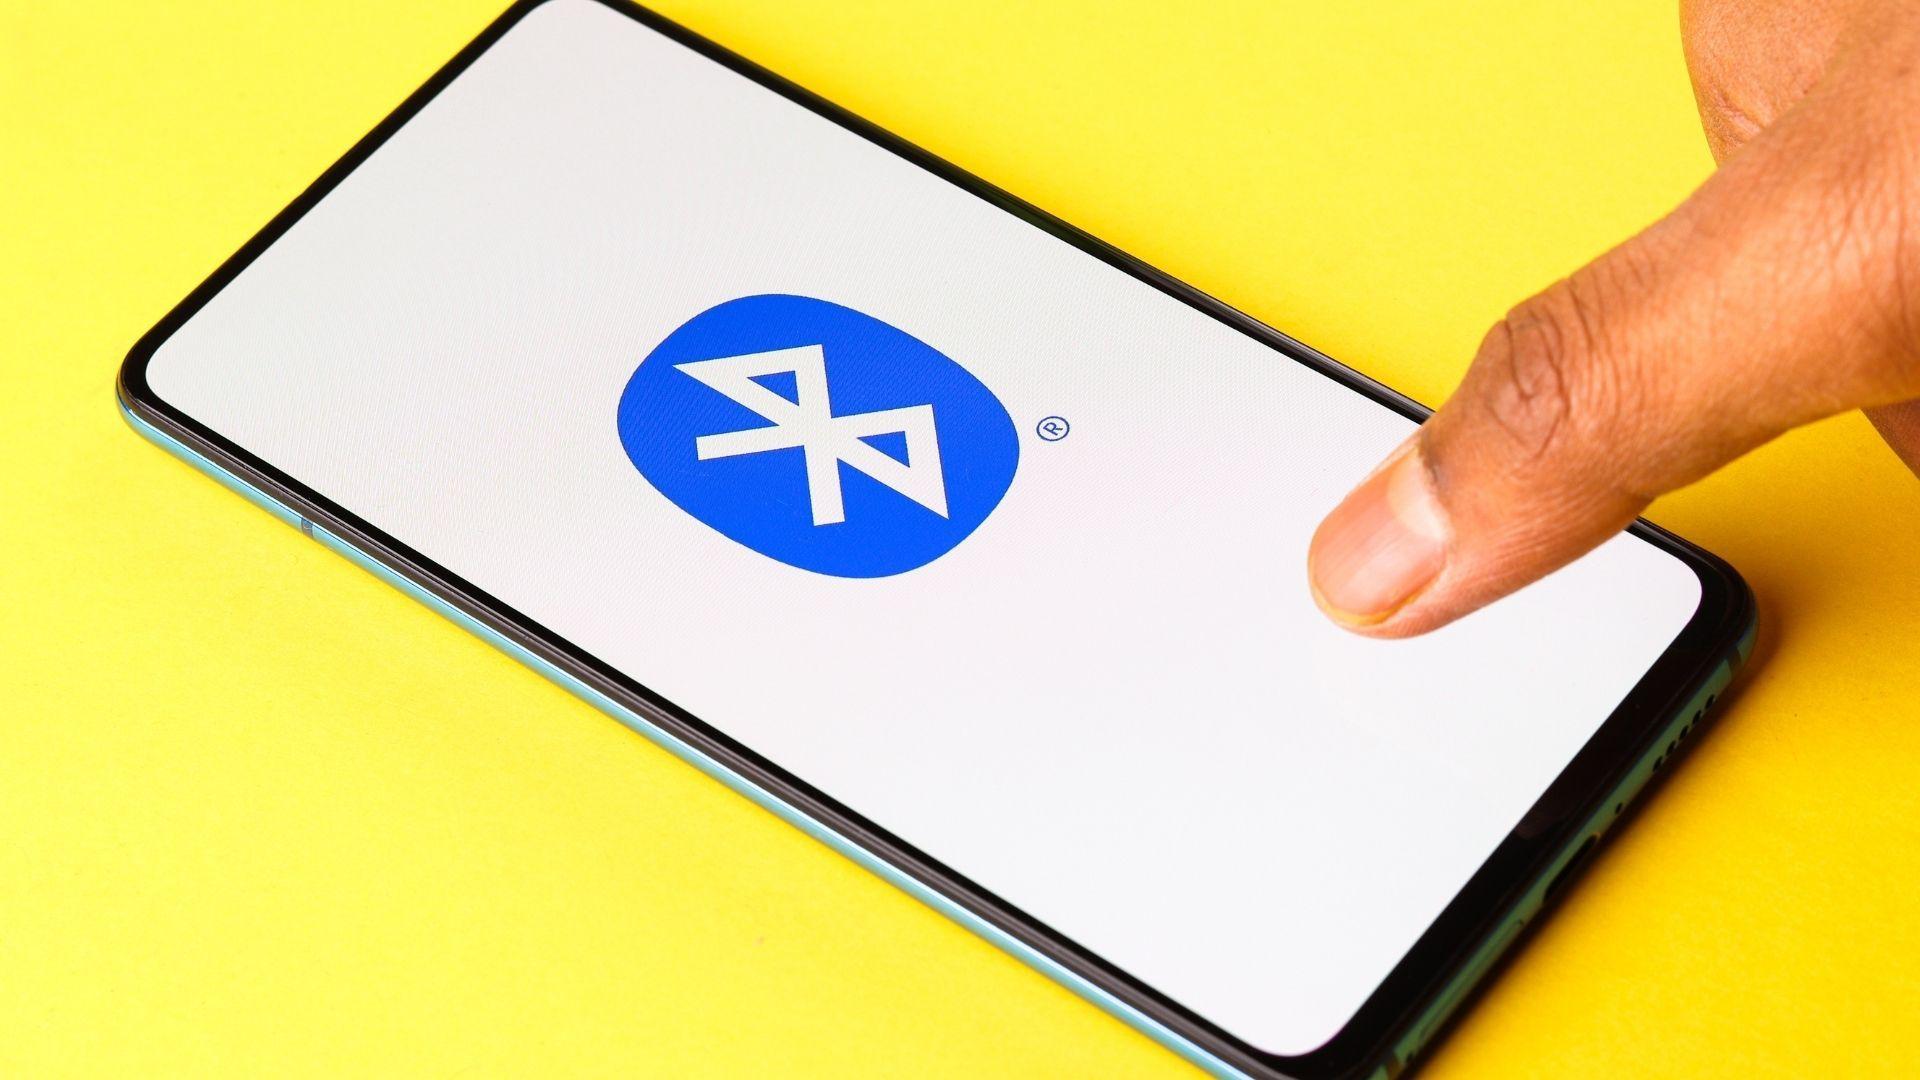 Símbolo do Bluetooth (Foto: sdx15 / Shutterstock.com)